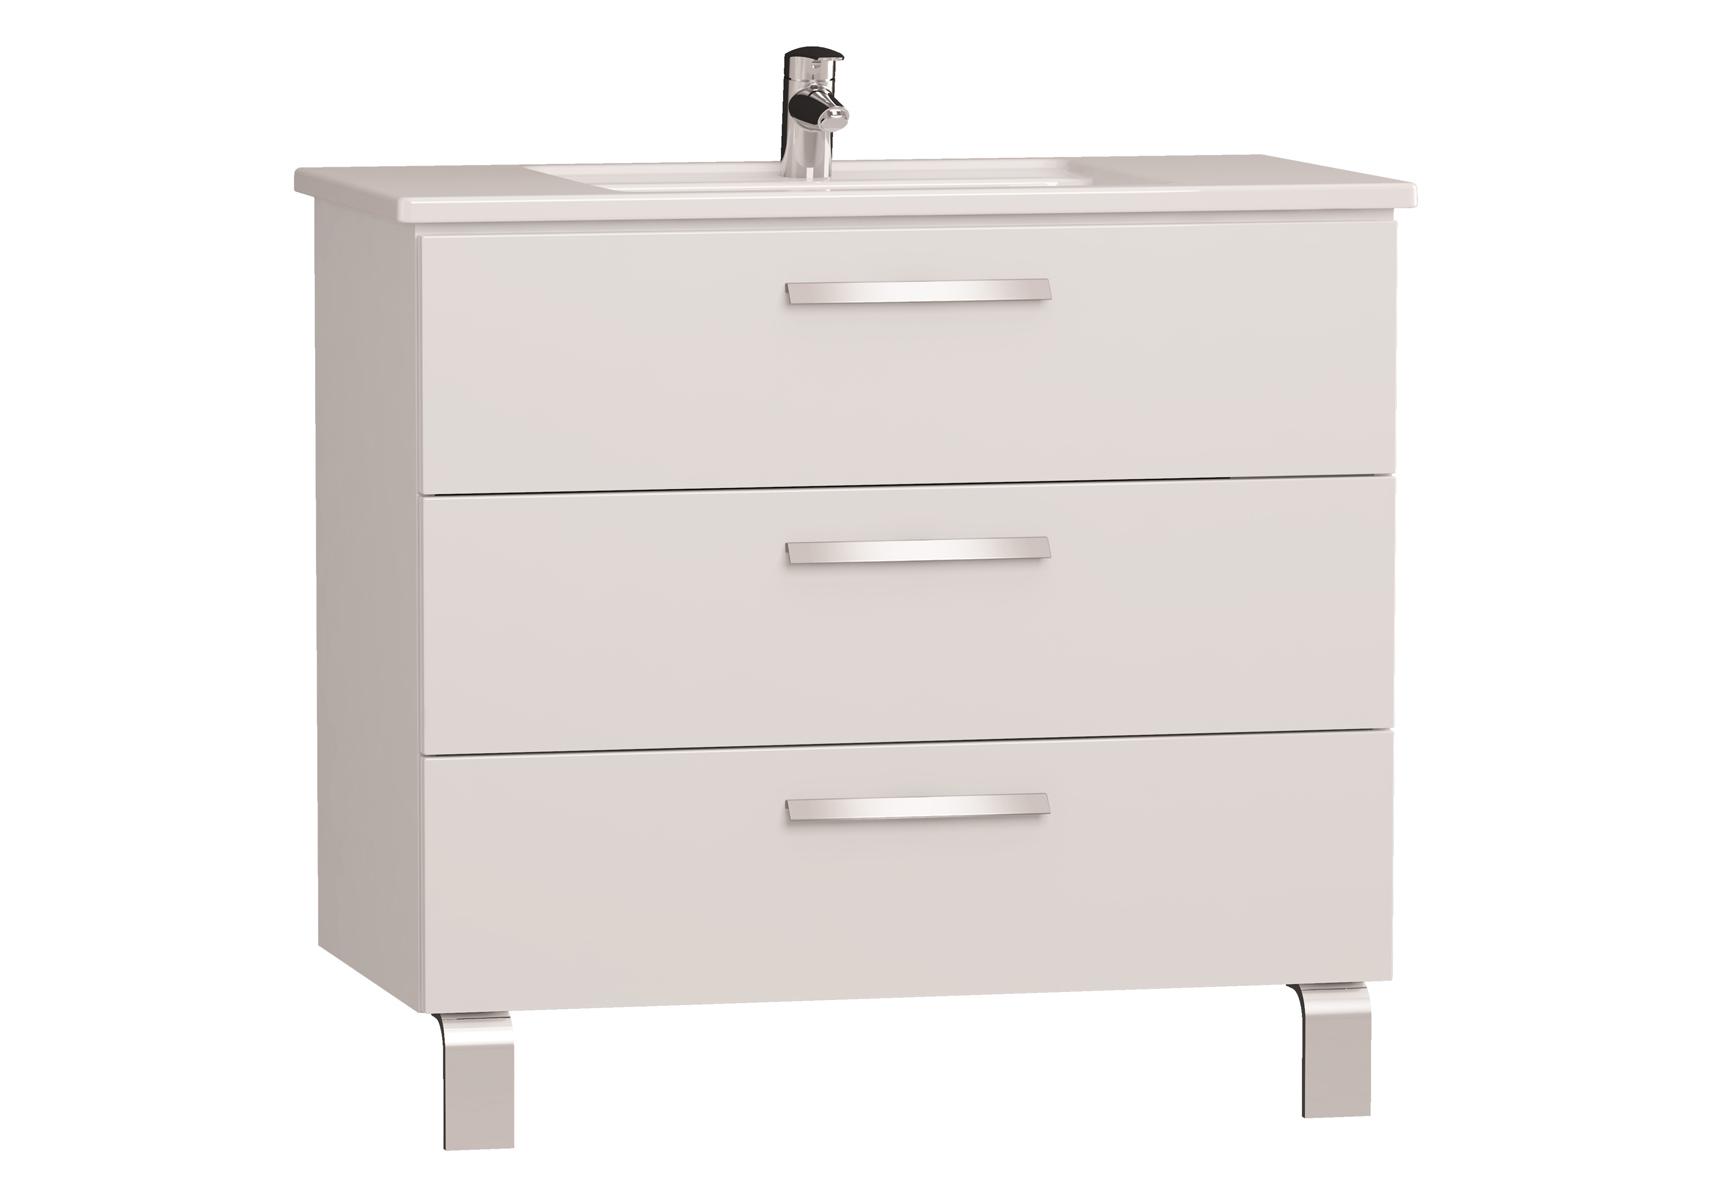 Integra meuble avec plan céramique avec trois tiroirs, 90 cm, blanc haute brillance